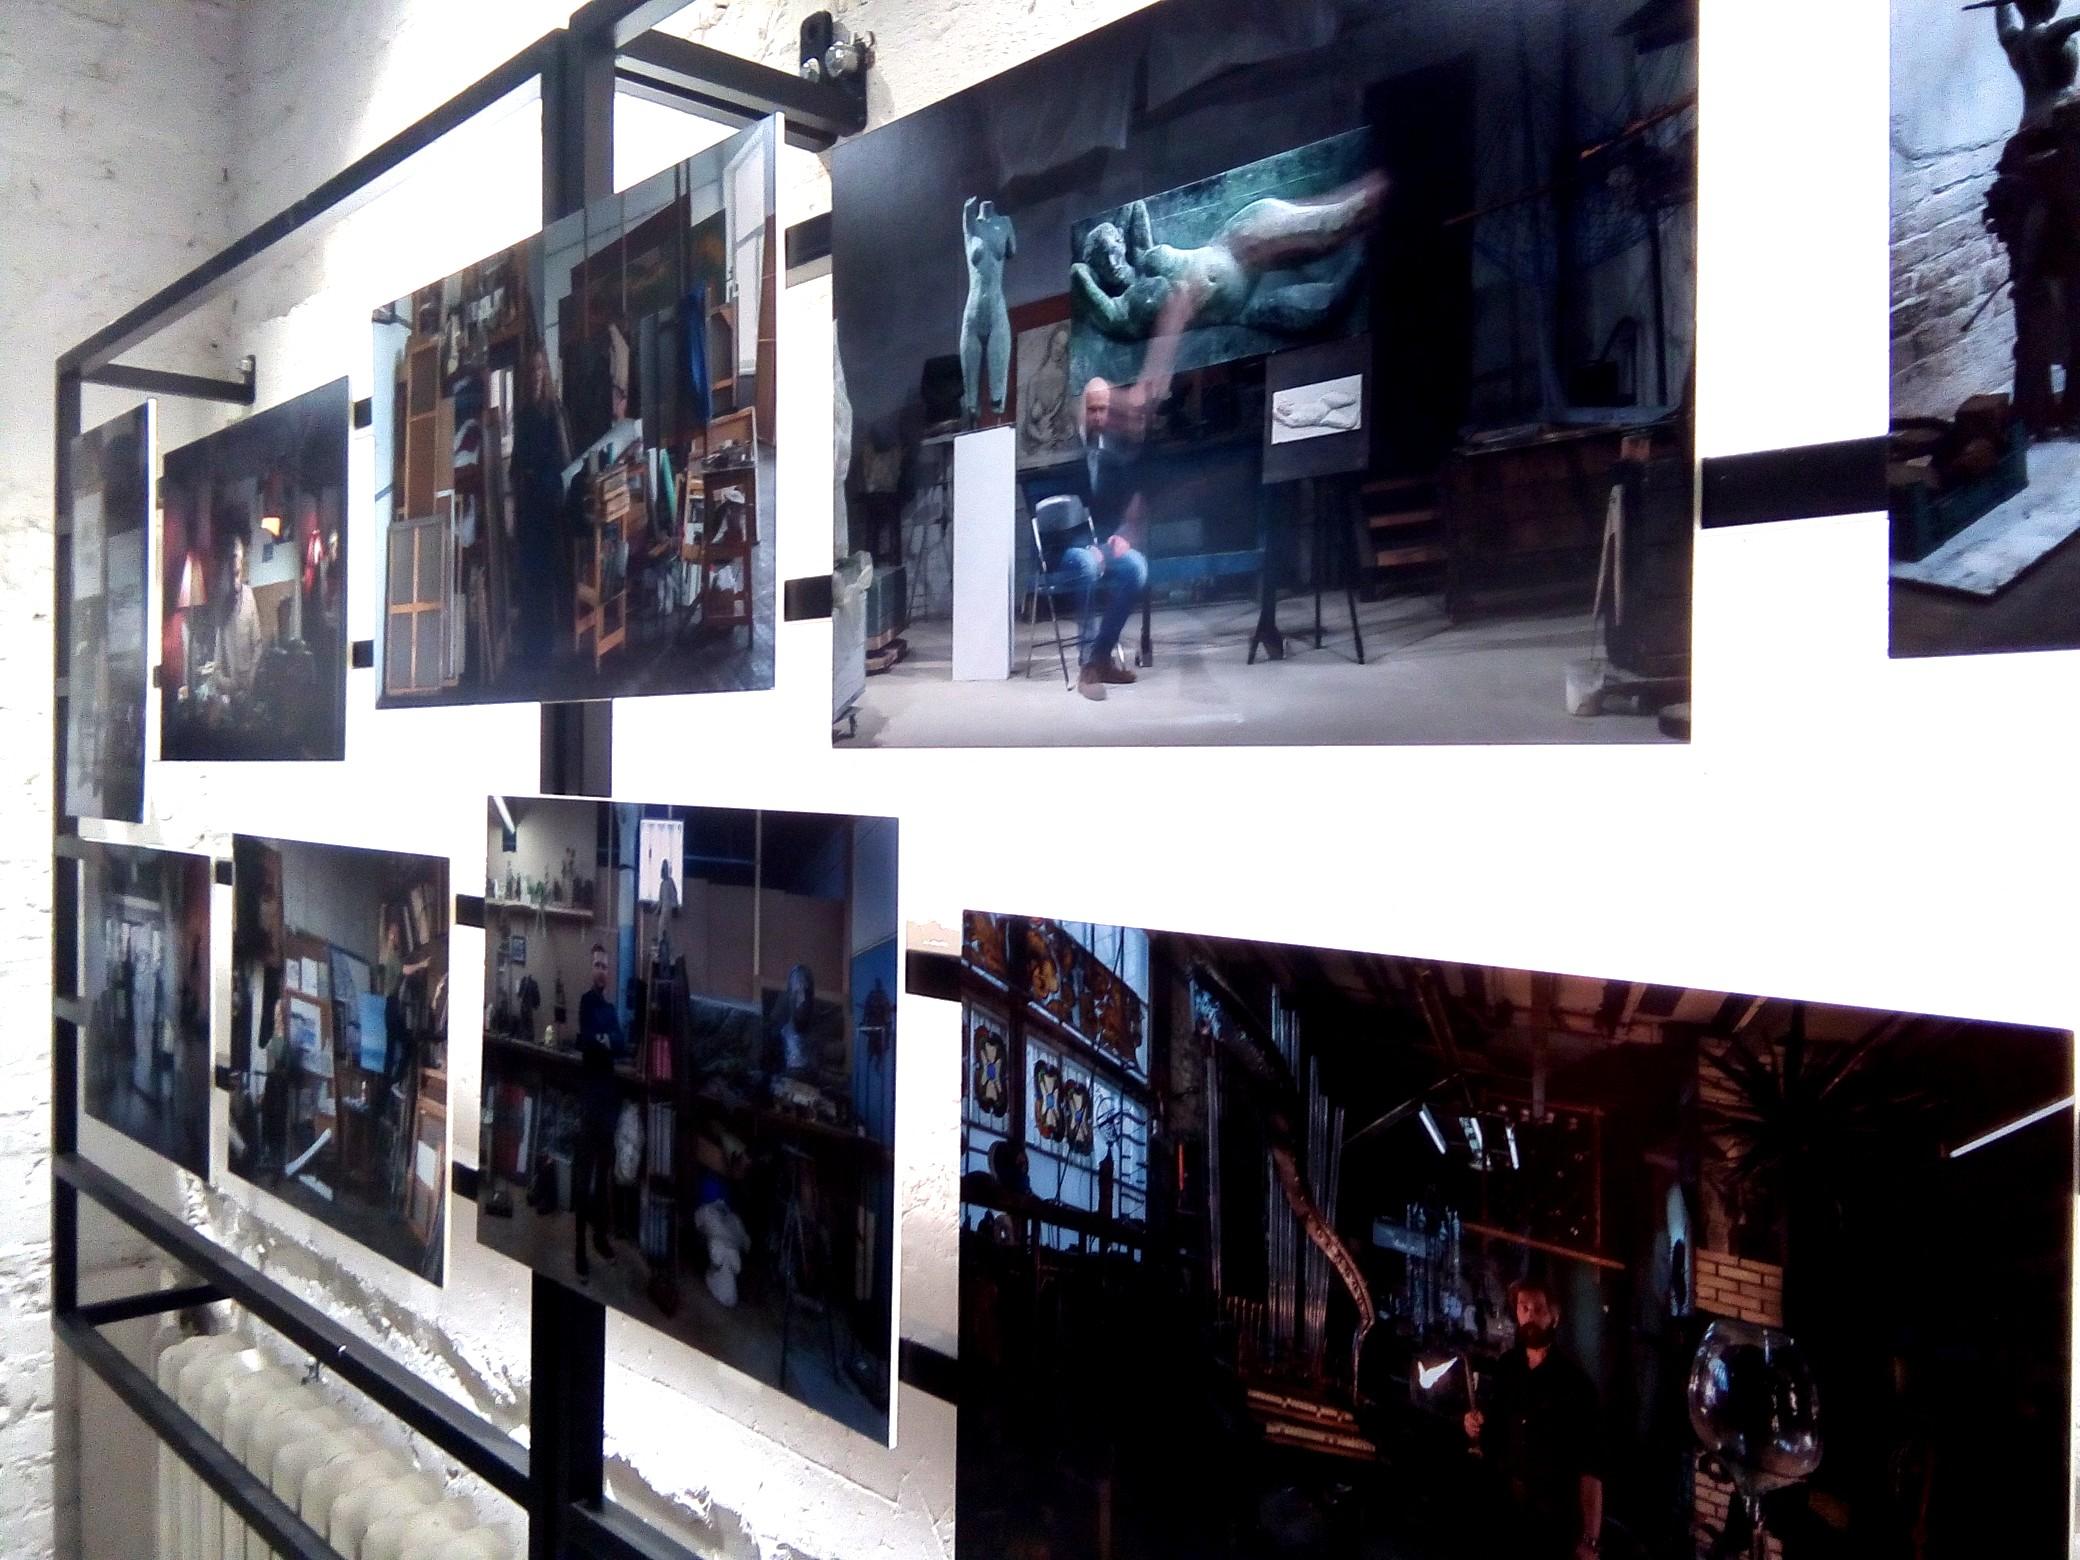 Фотографии Иеронима Грабштейна, вид экспозиции.